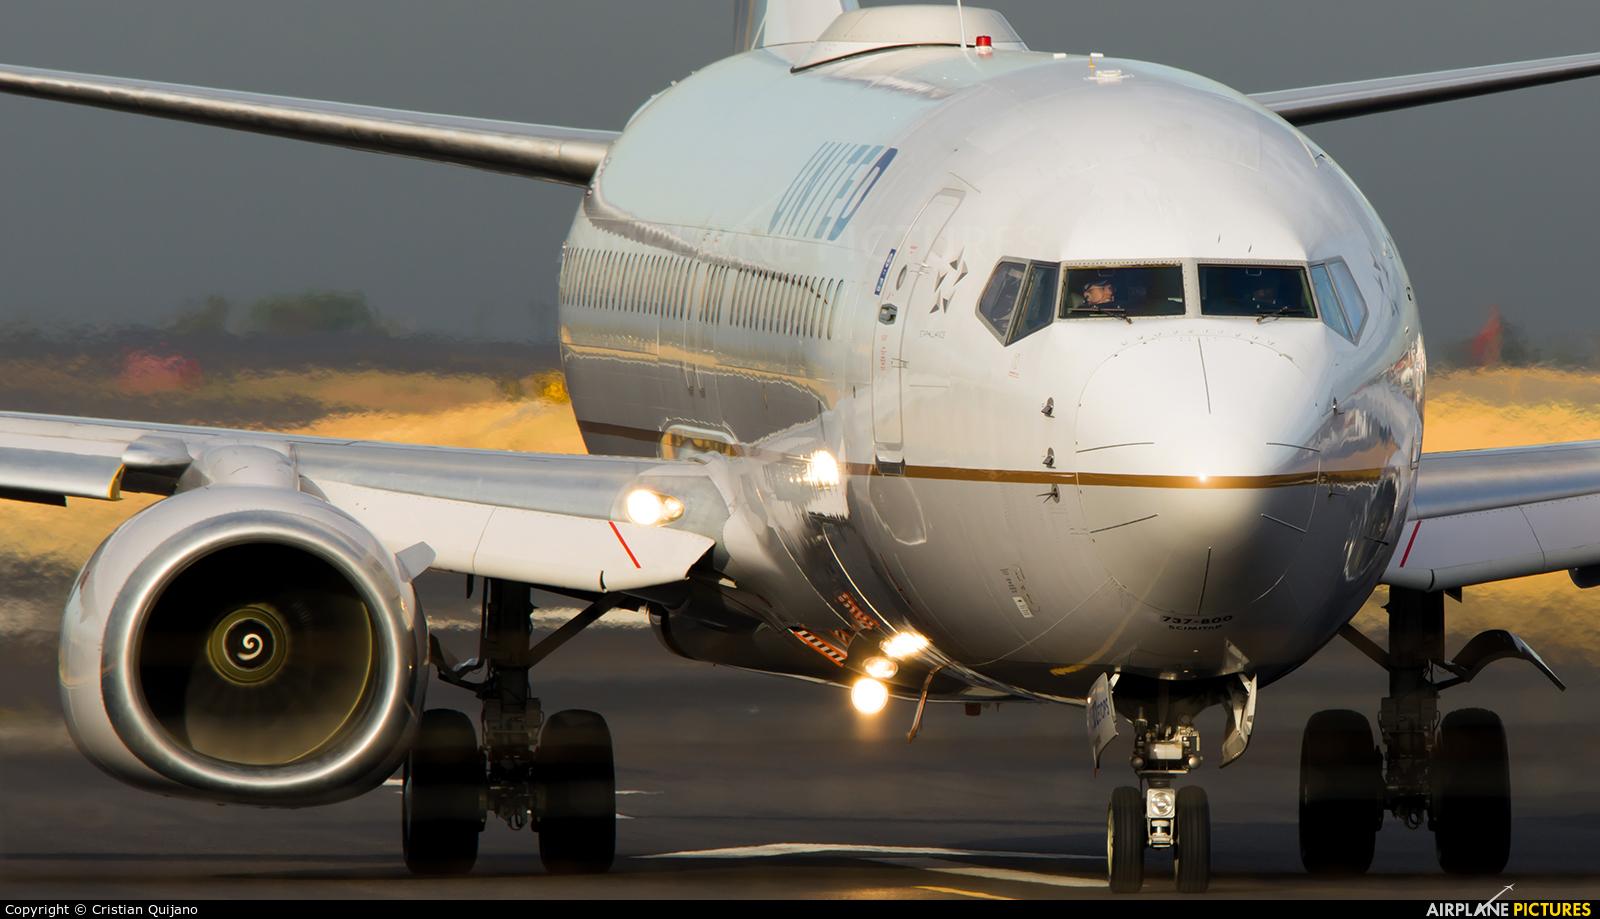 United Airlines N76502 aircraft at San Jose - Juan Santamaría Intl